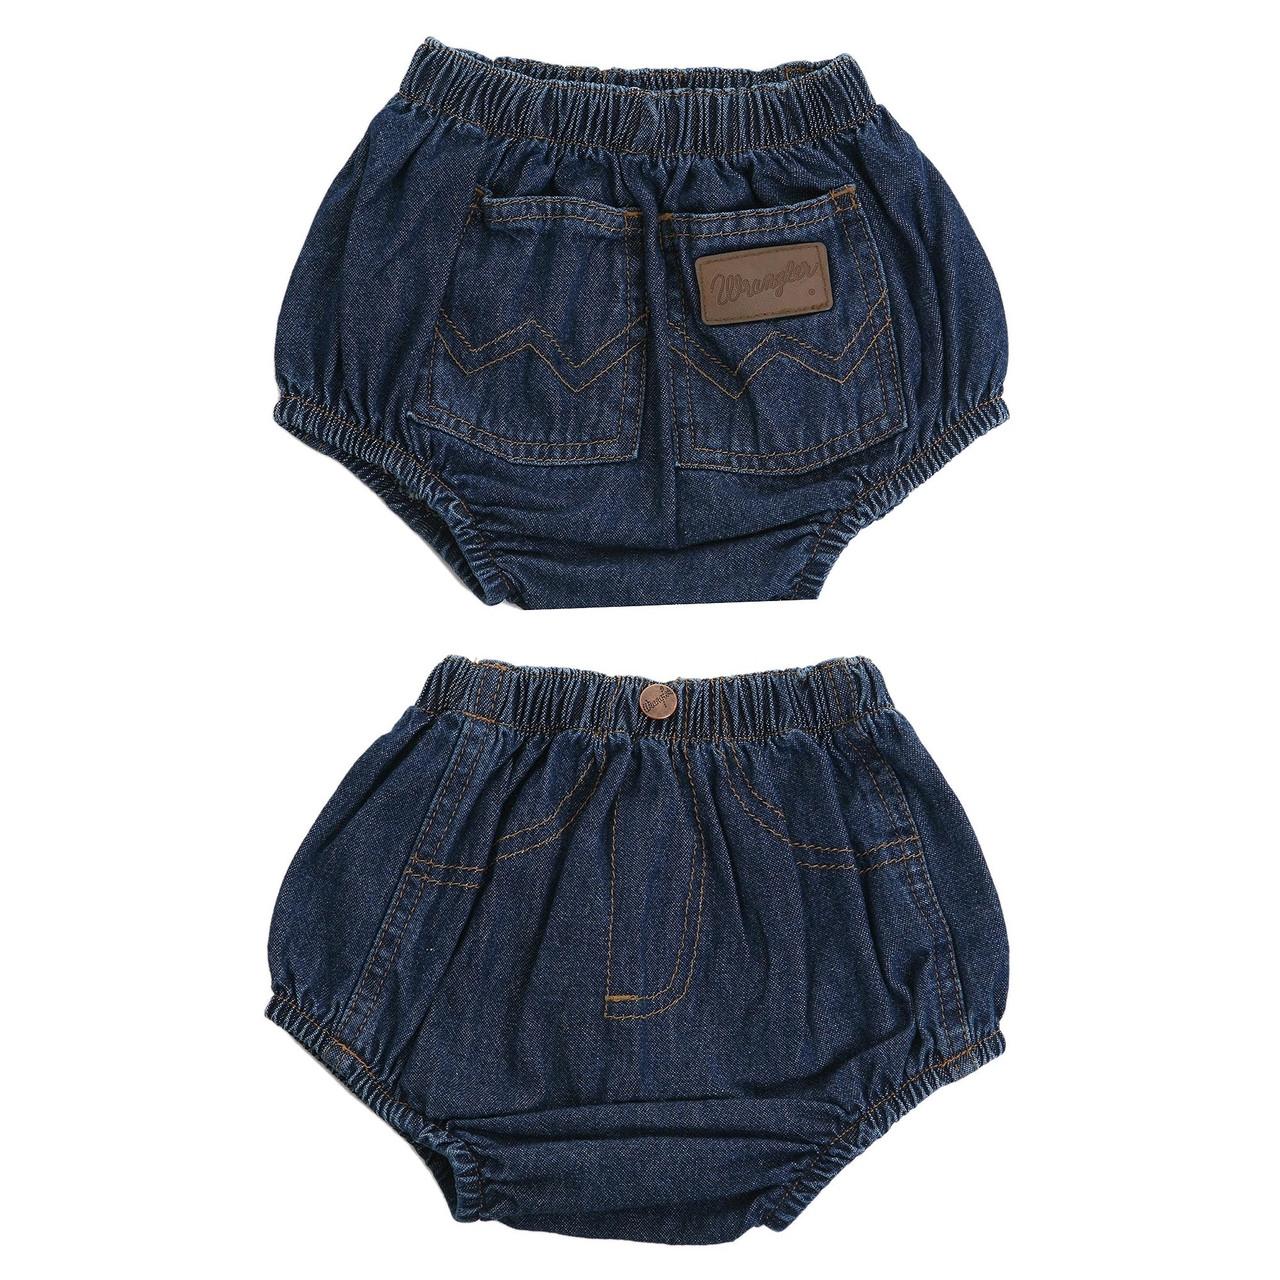 d83405c36908 Wrangler® Infant Diaper Cover